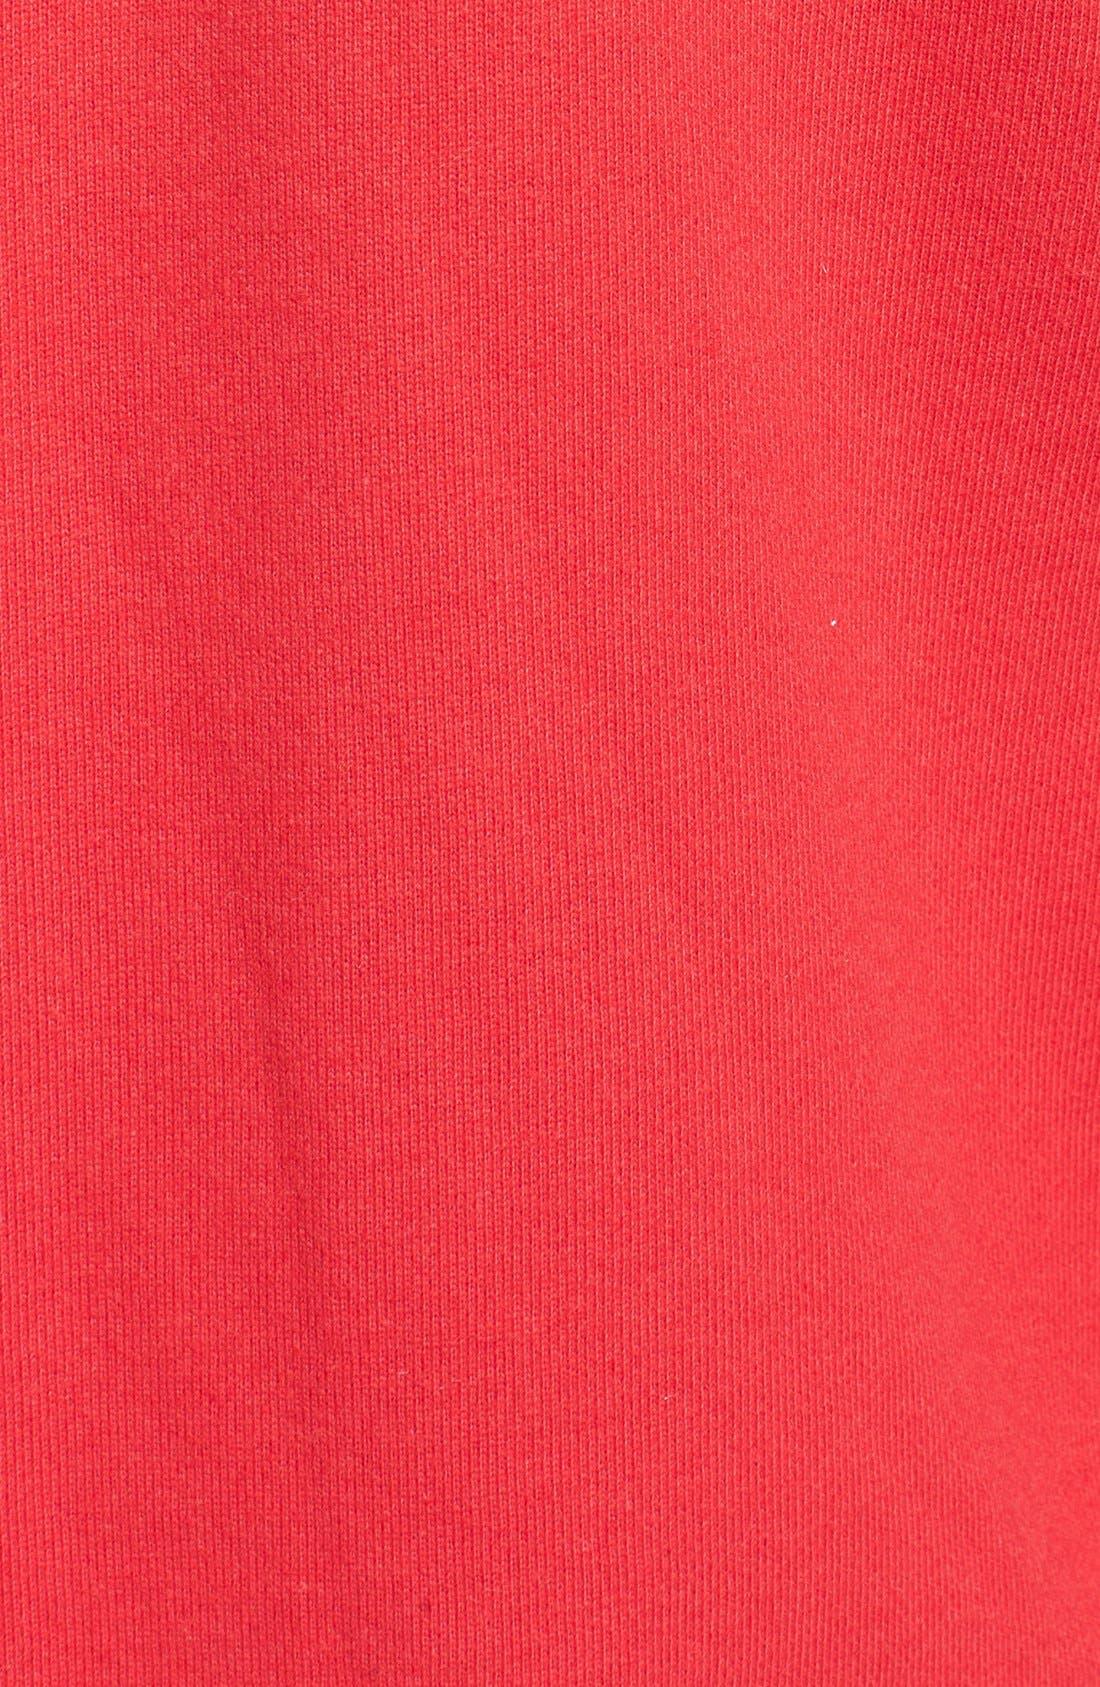 Alternate Image 3  - Mitchell & Ness 'Chicago Blackhawks' Full Zip Hoodie